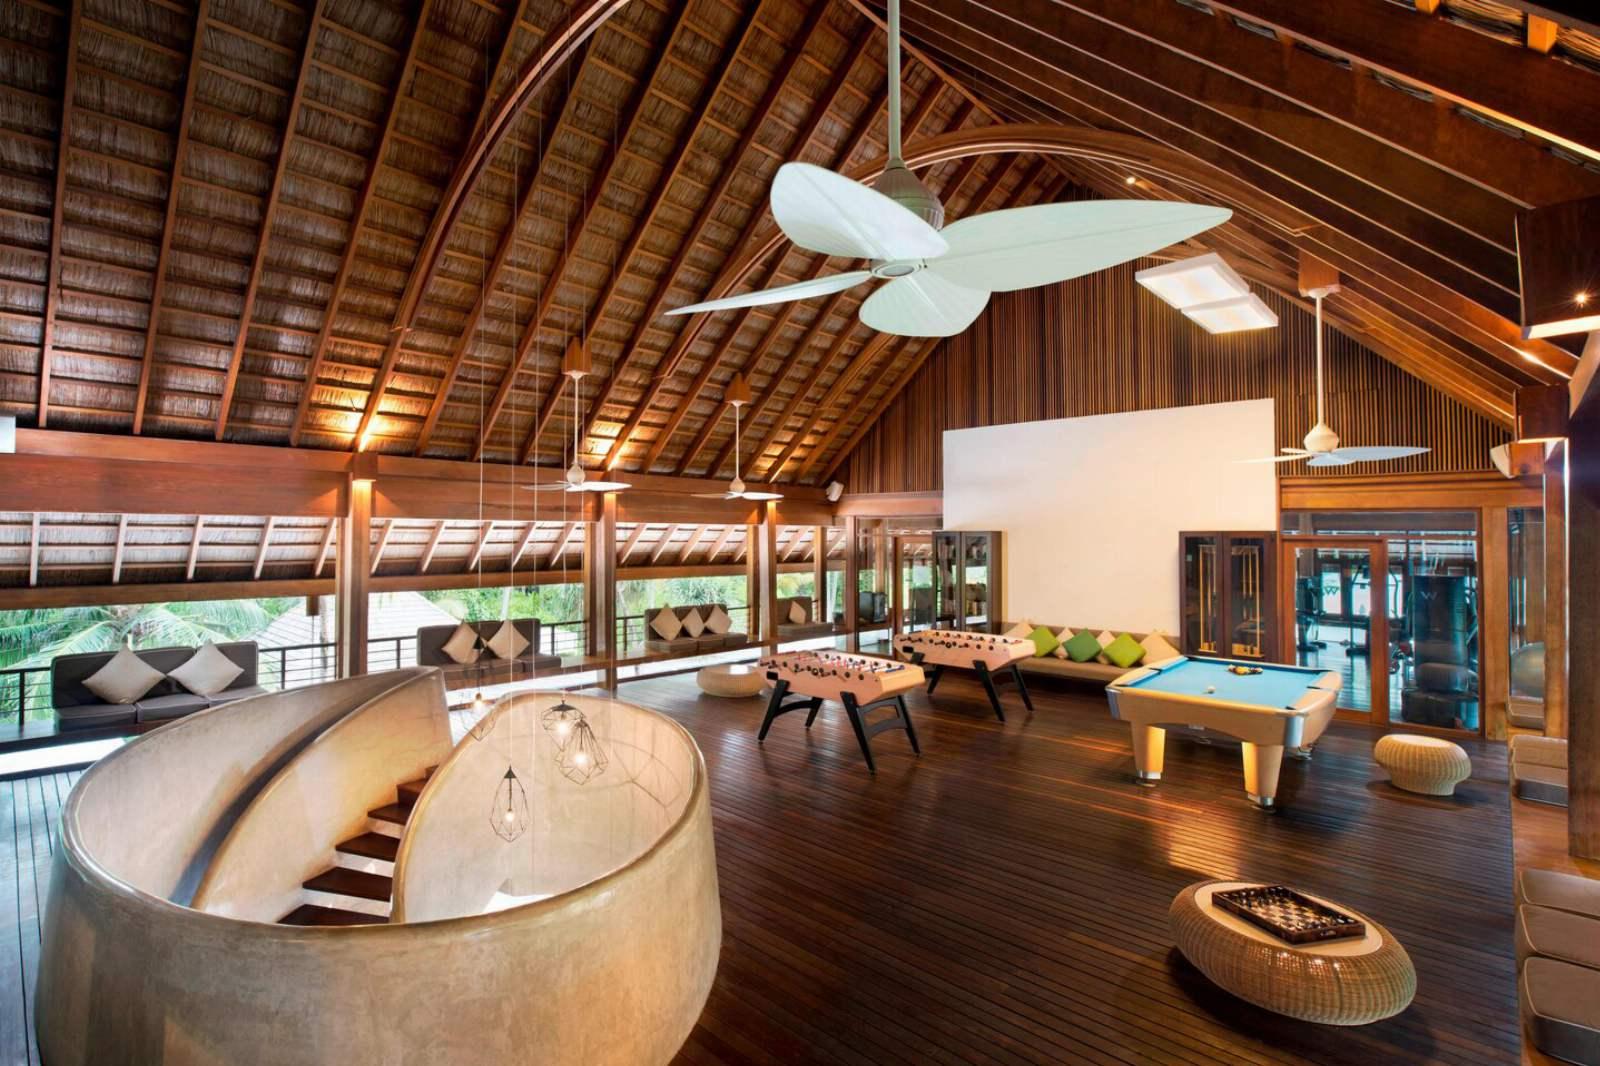 W Maldives - Entertain Area